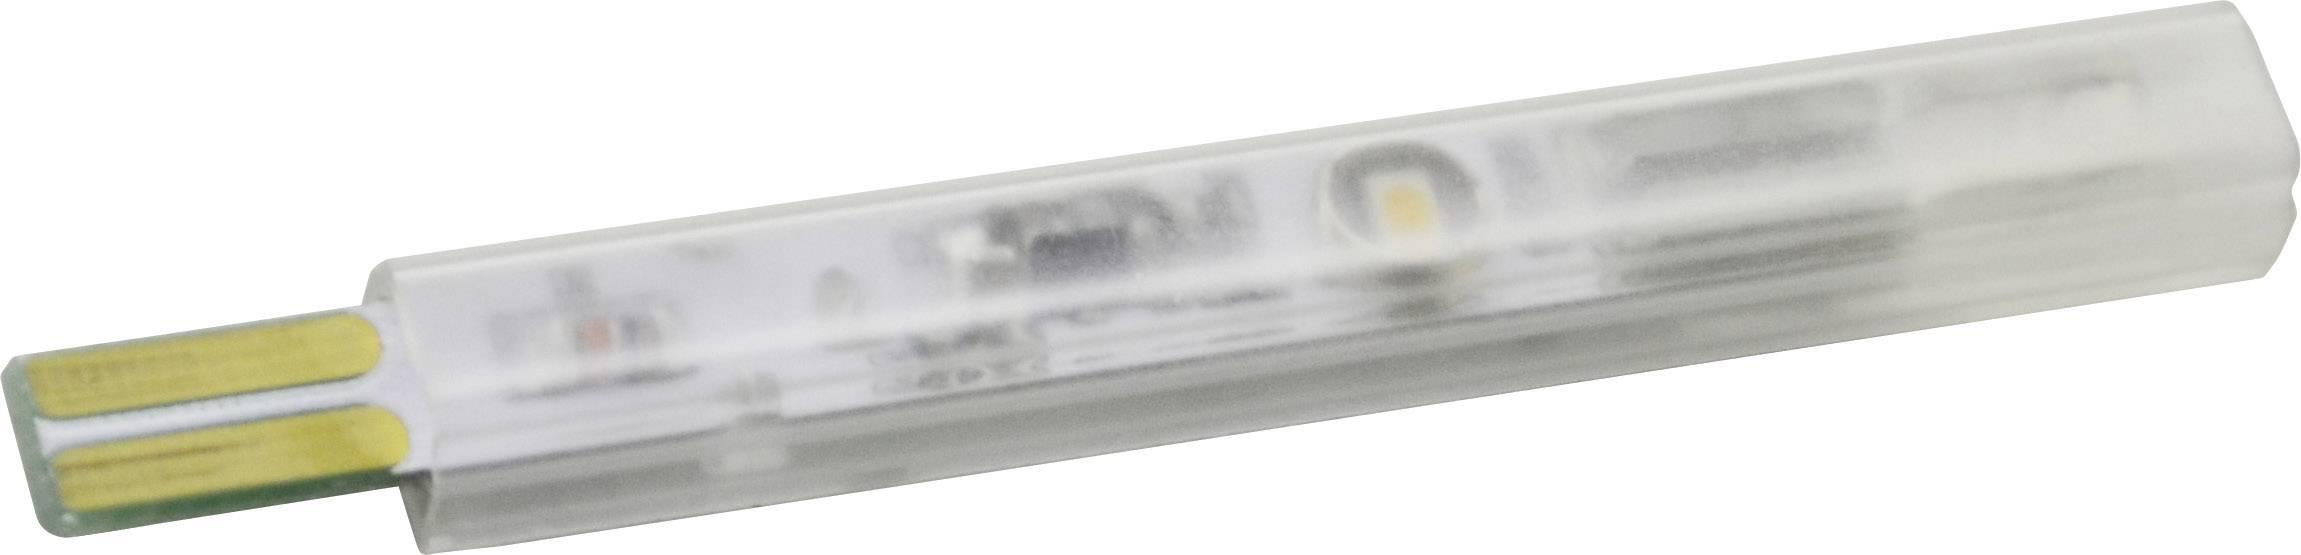 Dotykový spínač dekoračných LED líšt Rolux (0280003011)